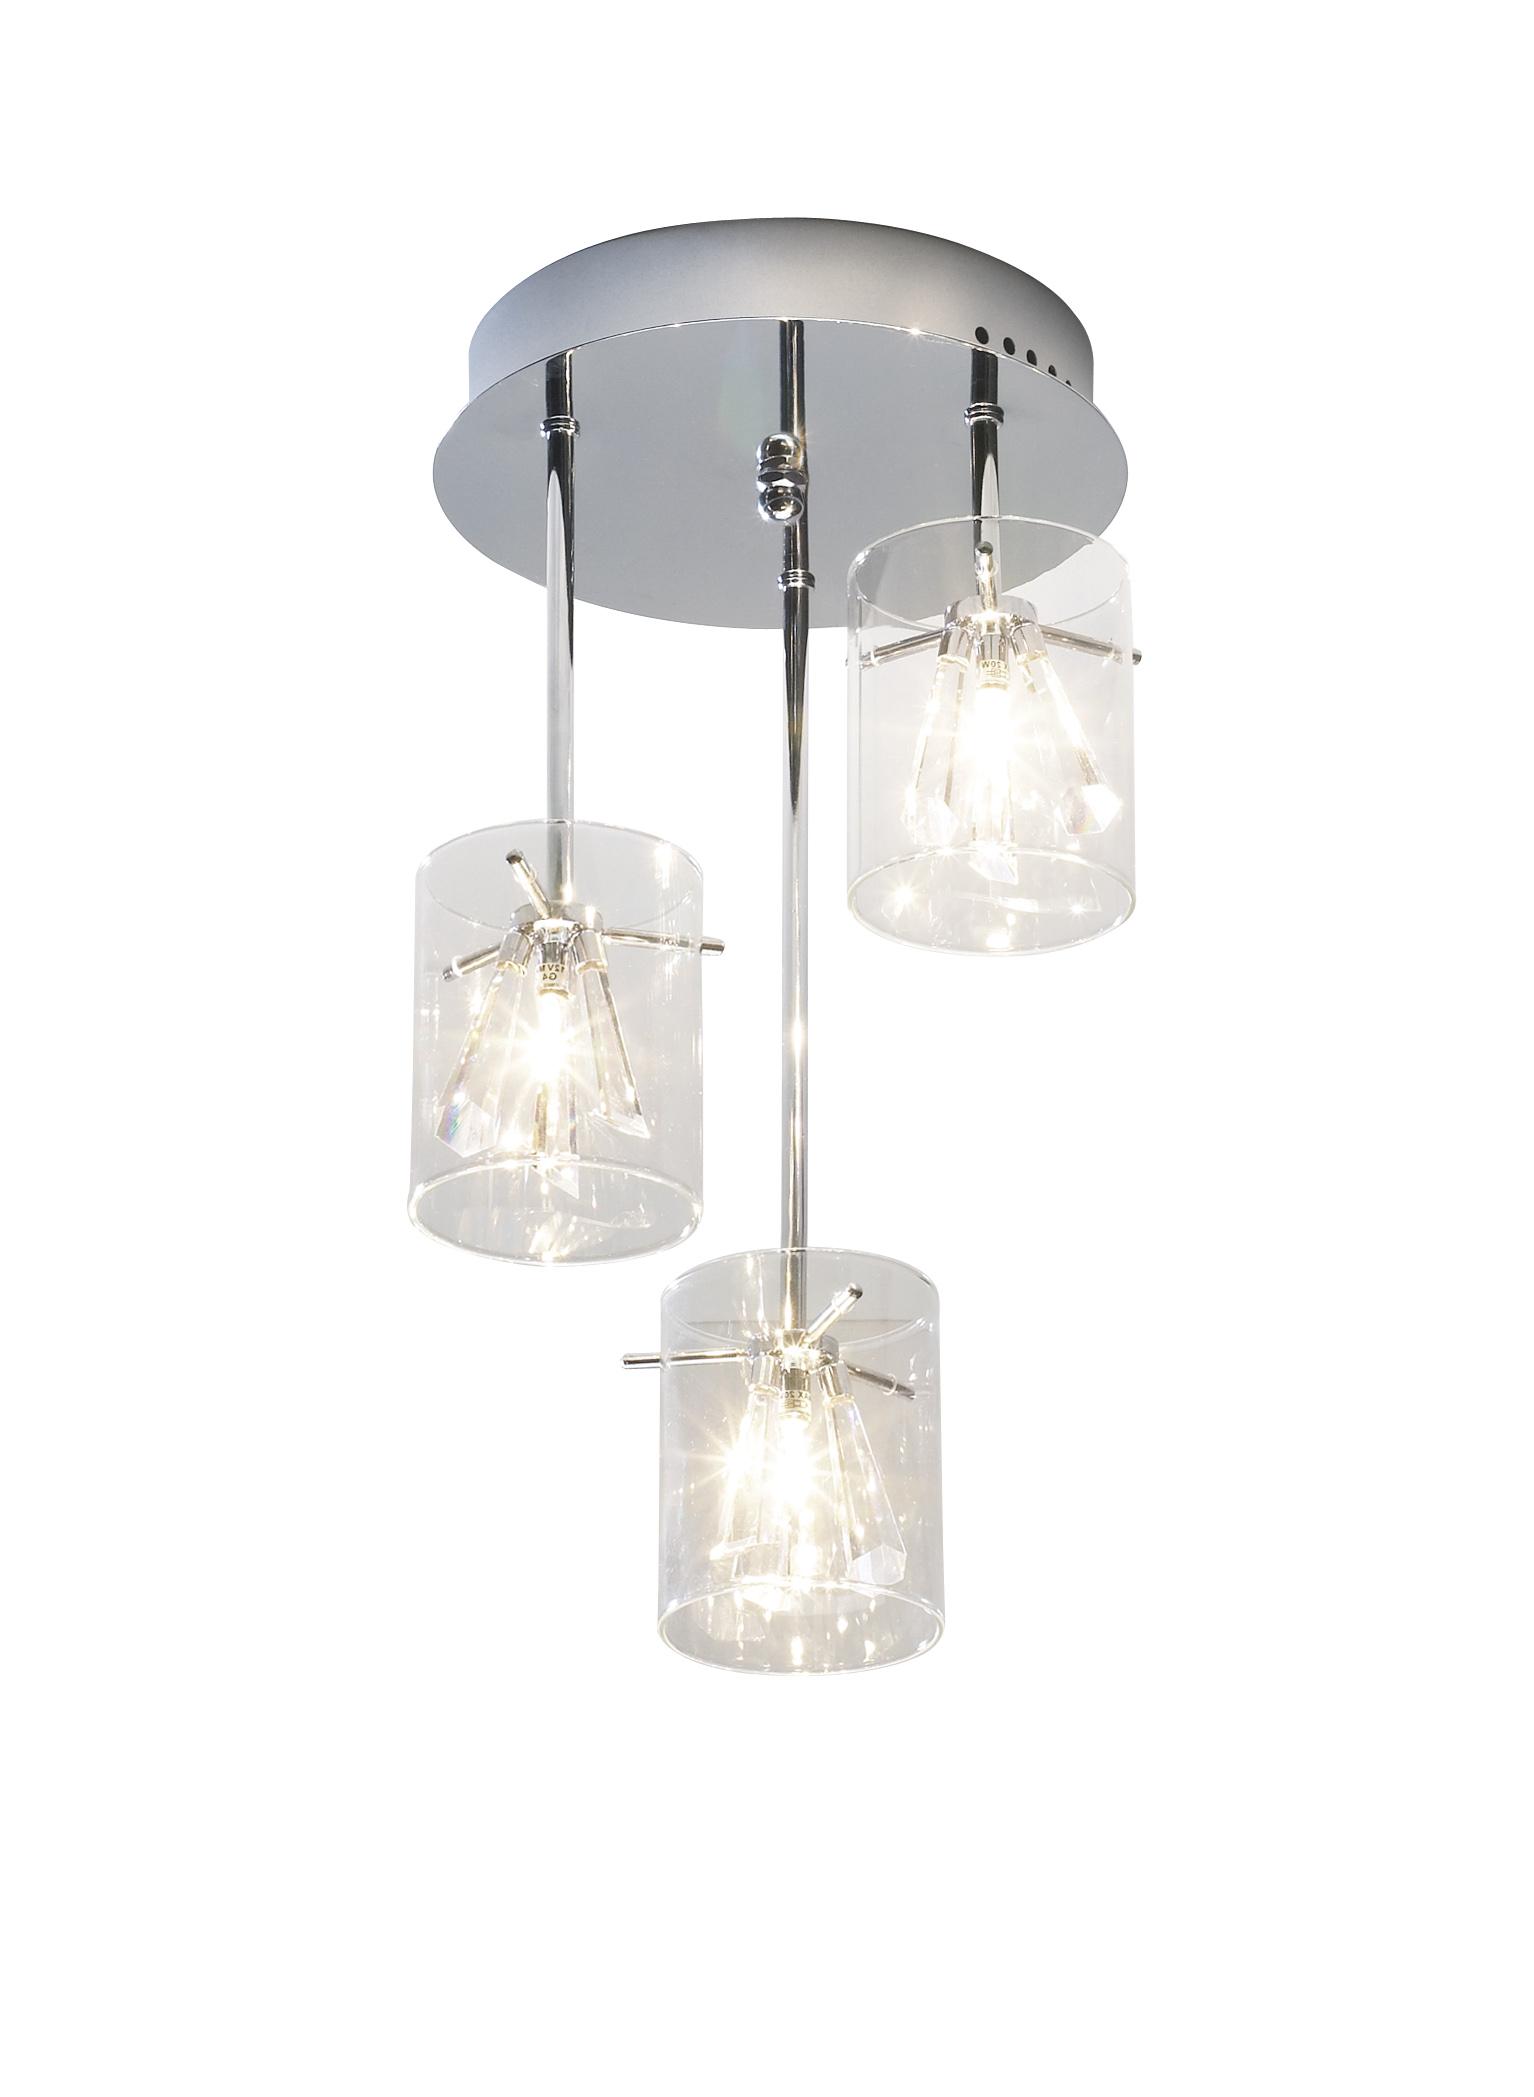 Somerset 3 Light Modern Crystal Pendant Light Ceiling